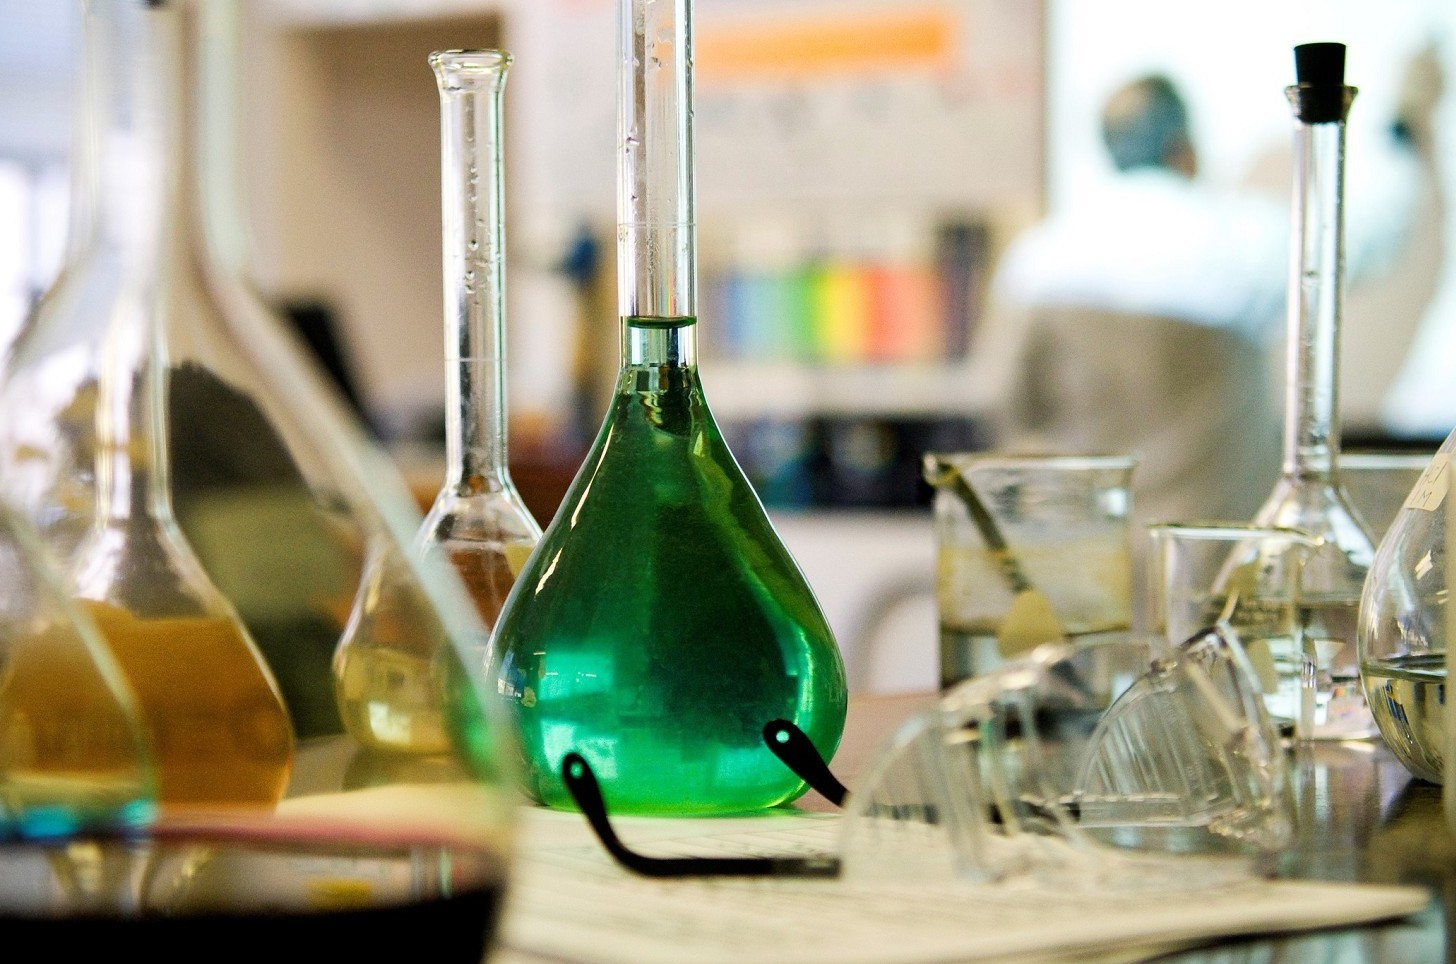 Busta paga chimici 2019-2020 come leggere le diverse voci